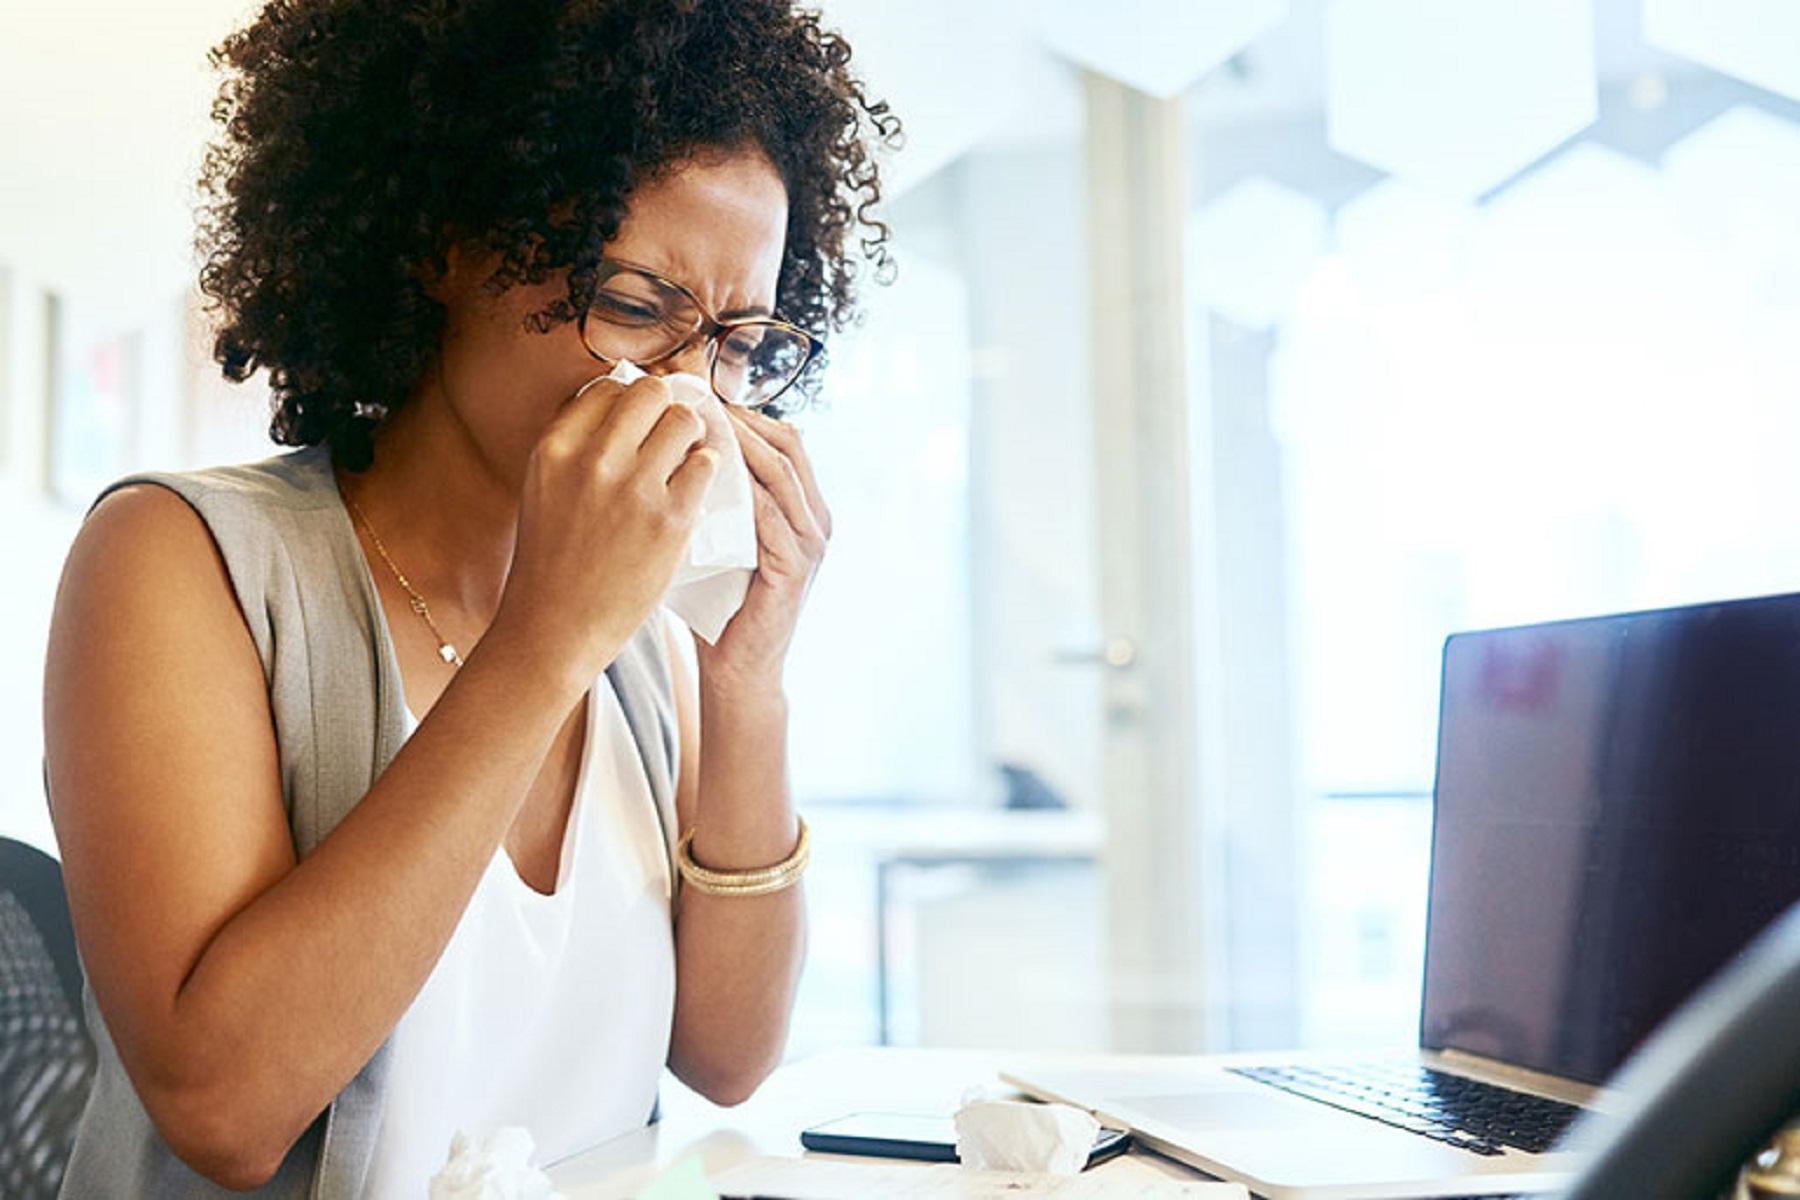 Νέα Έρευνα: Μειώνει το κοινό κρυολόγημα τα συμπτώματα COVID-19;